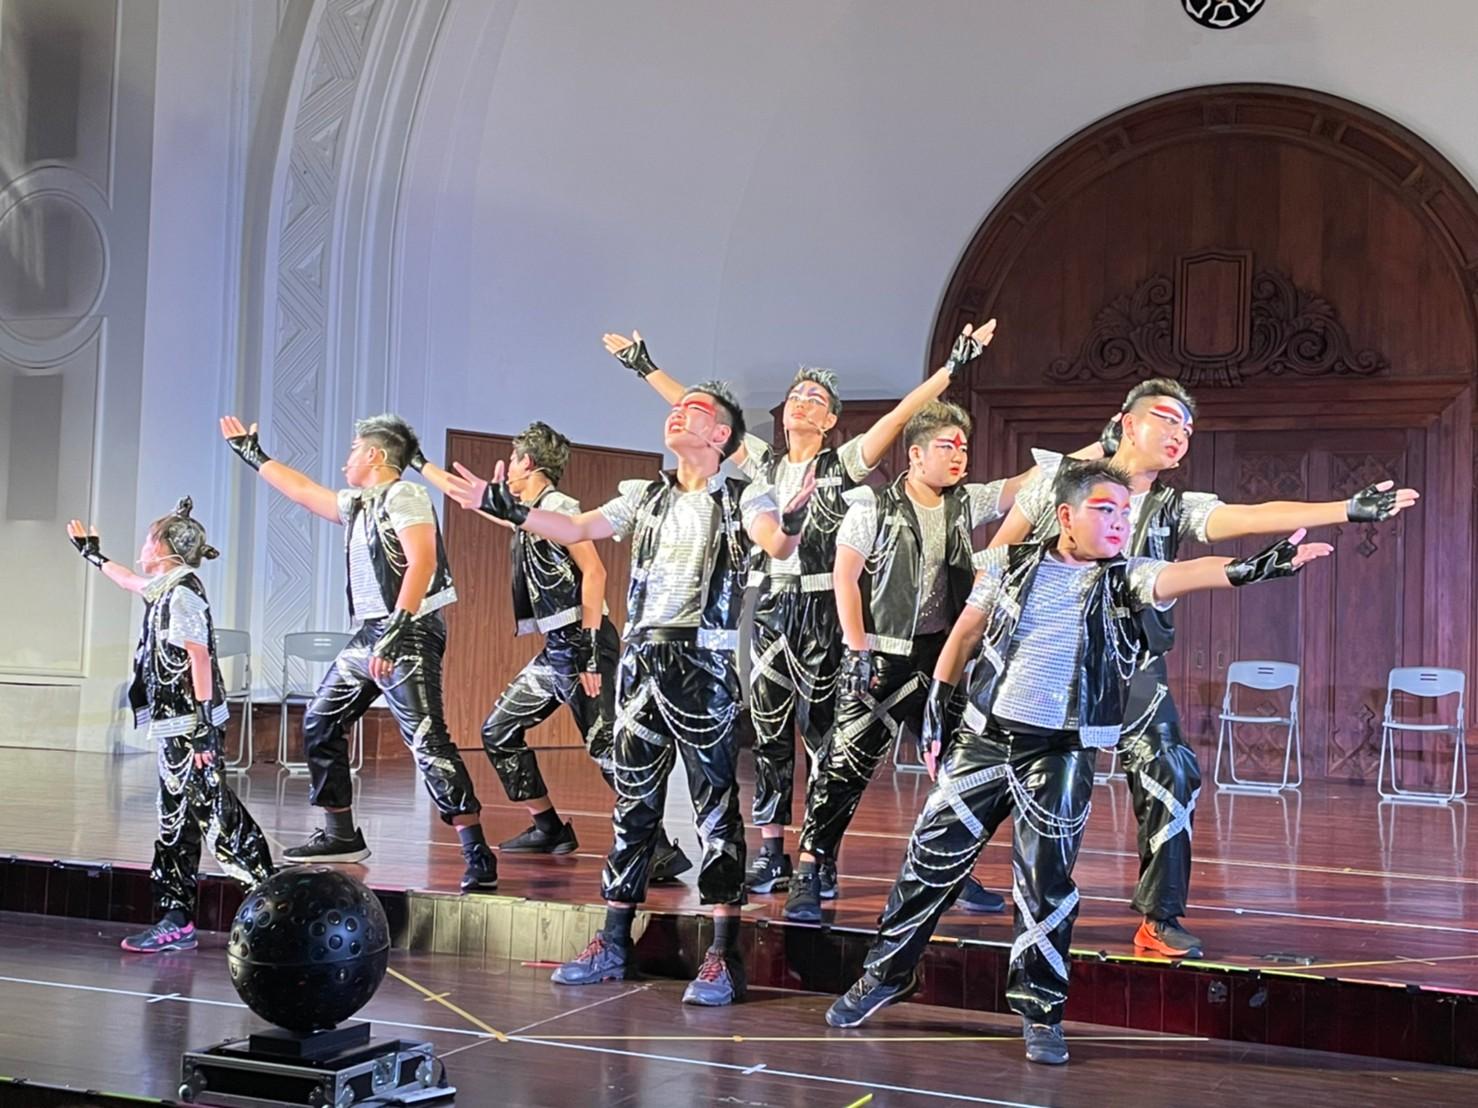 【年度公演】跟我們一起說! 搖滾萬歲! We Will Rock You!